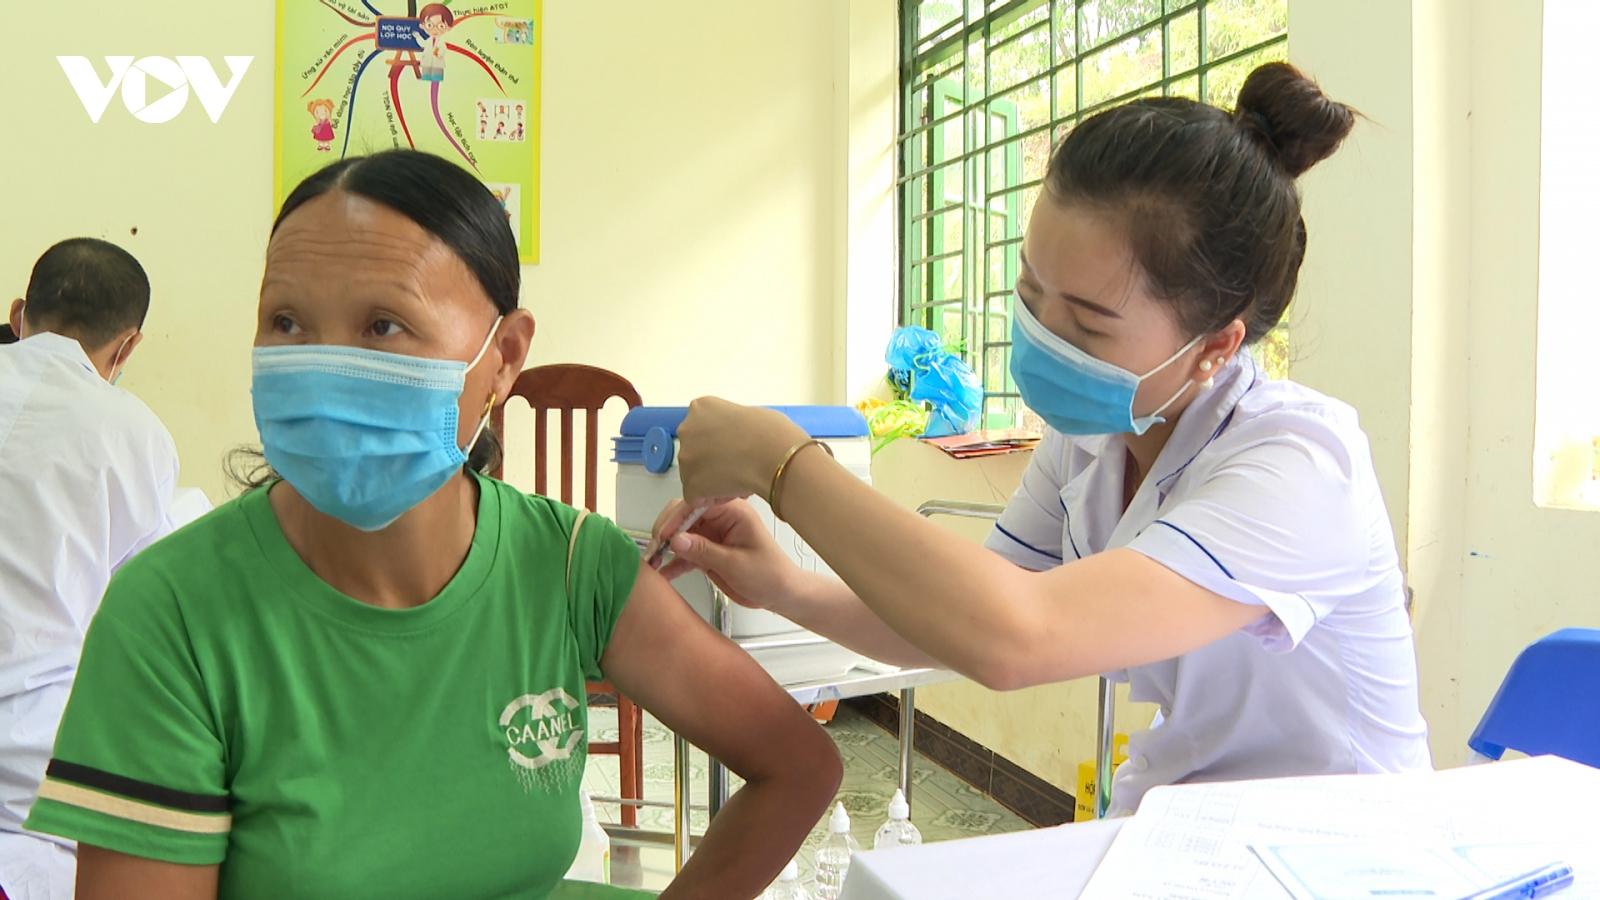 Quảng Ninh phấn đấu có miễn dịch cộng đồng sớm nhất